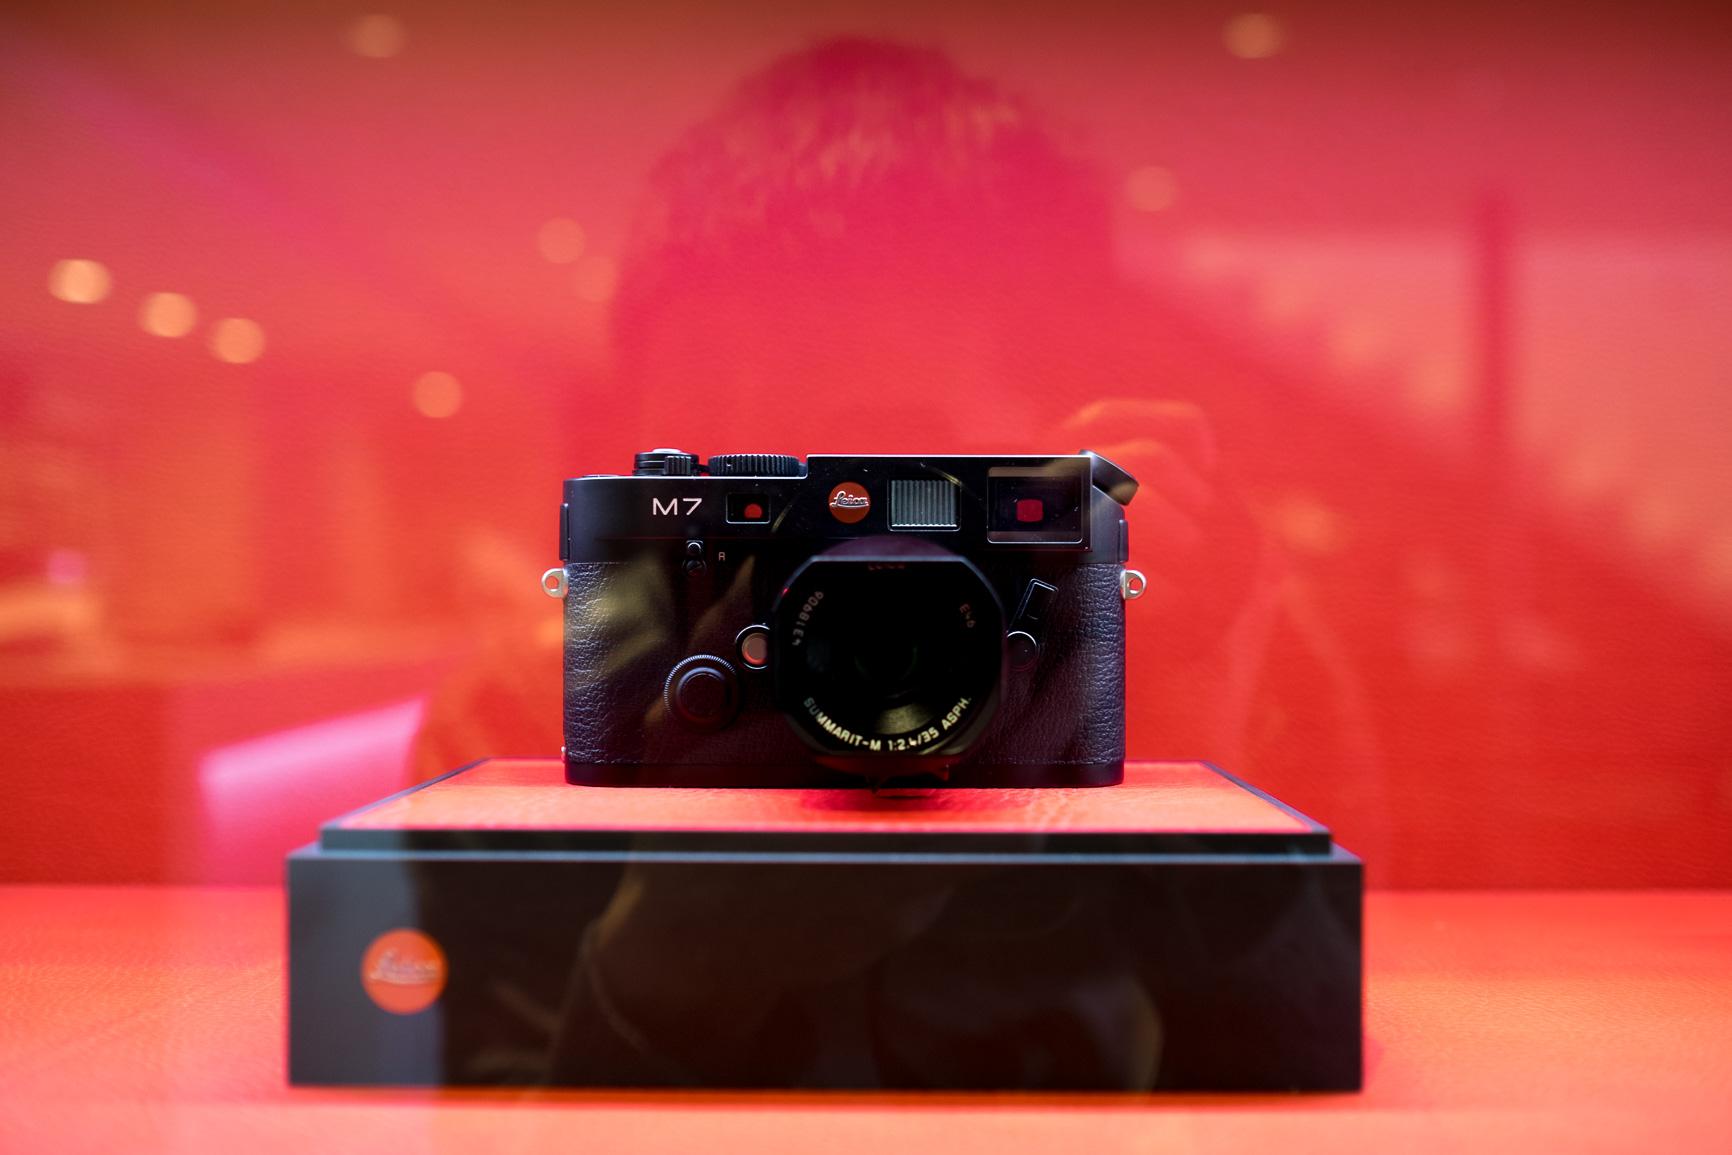 Fujifilm X-T1 | Fujinon XF 23mm f/1.4